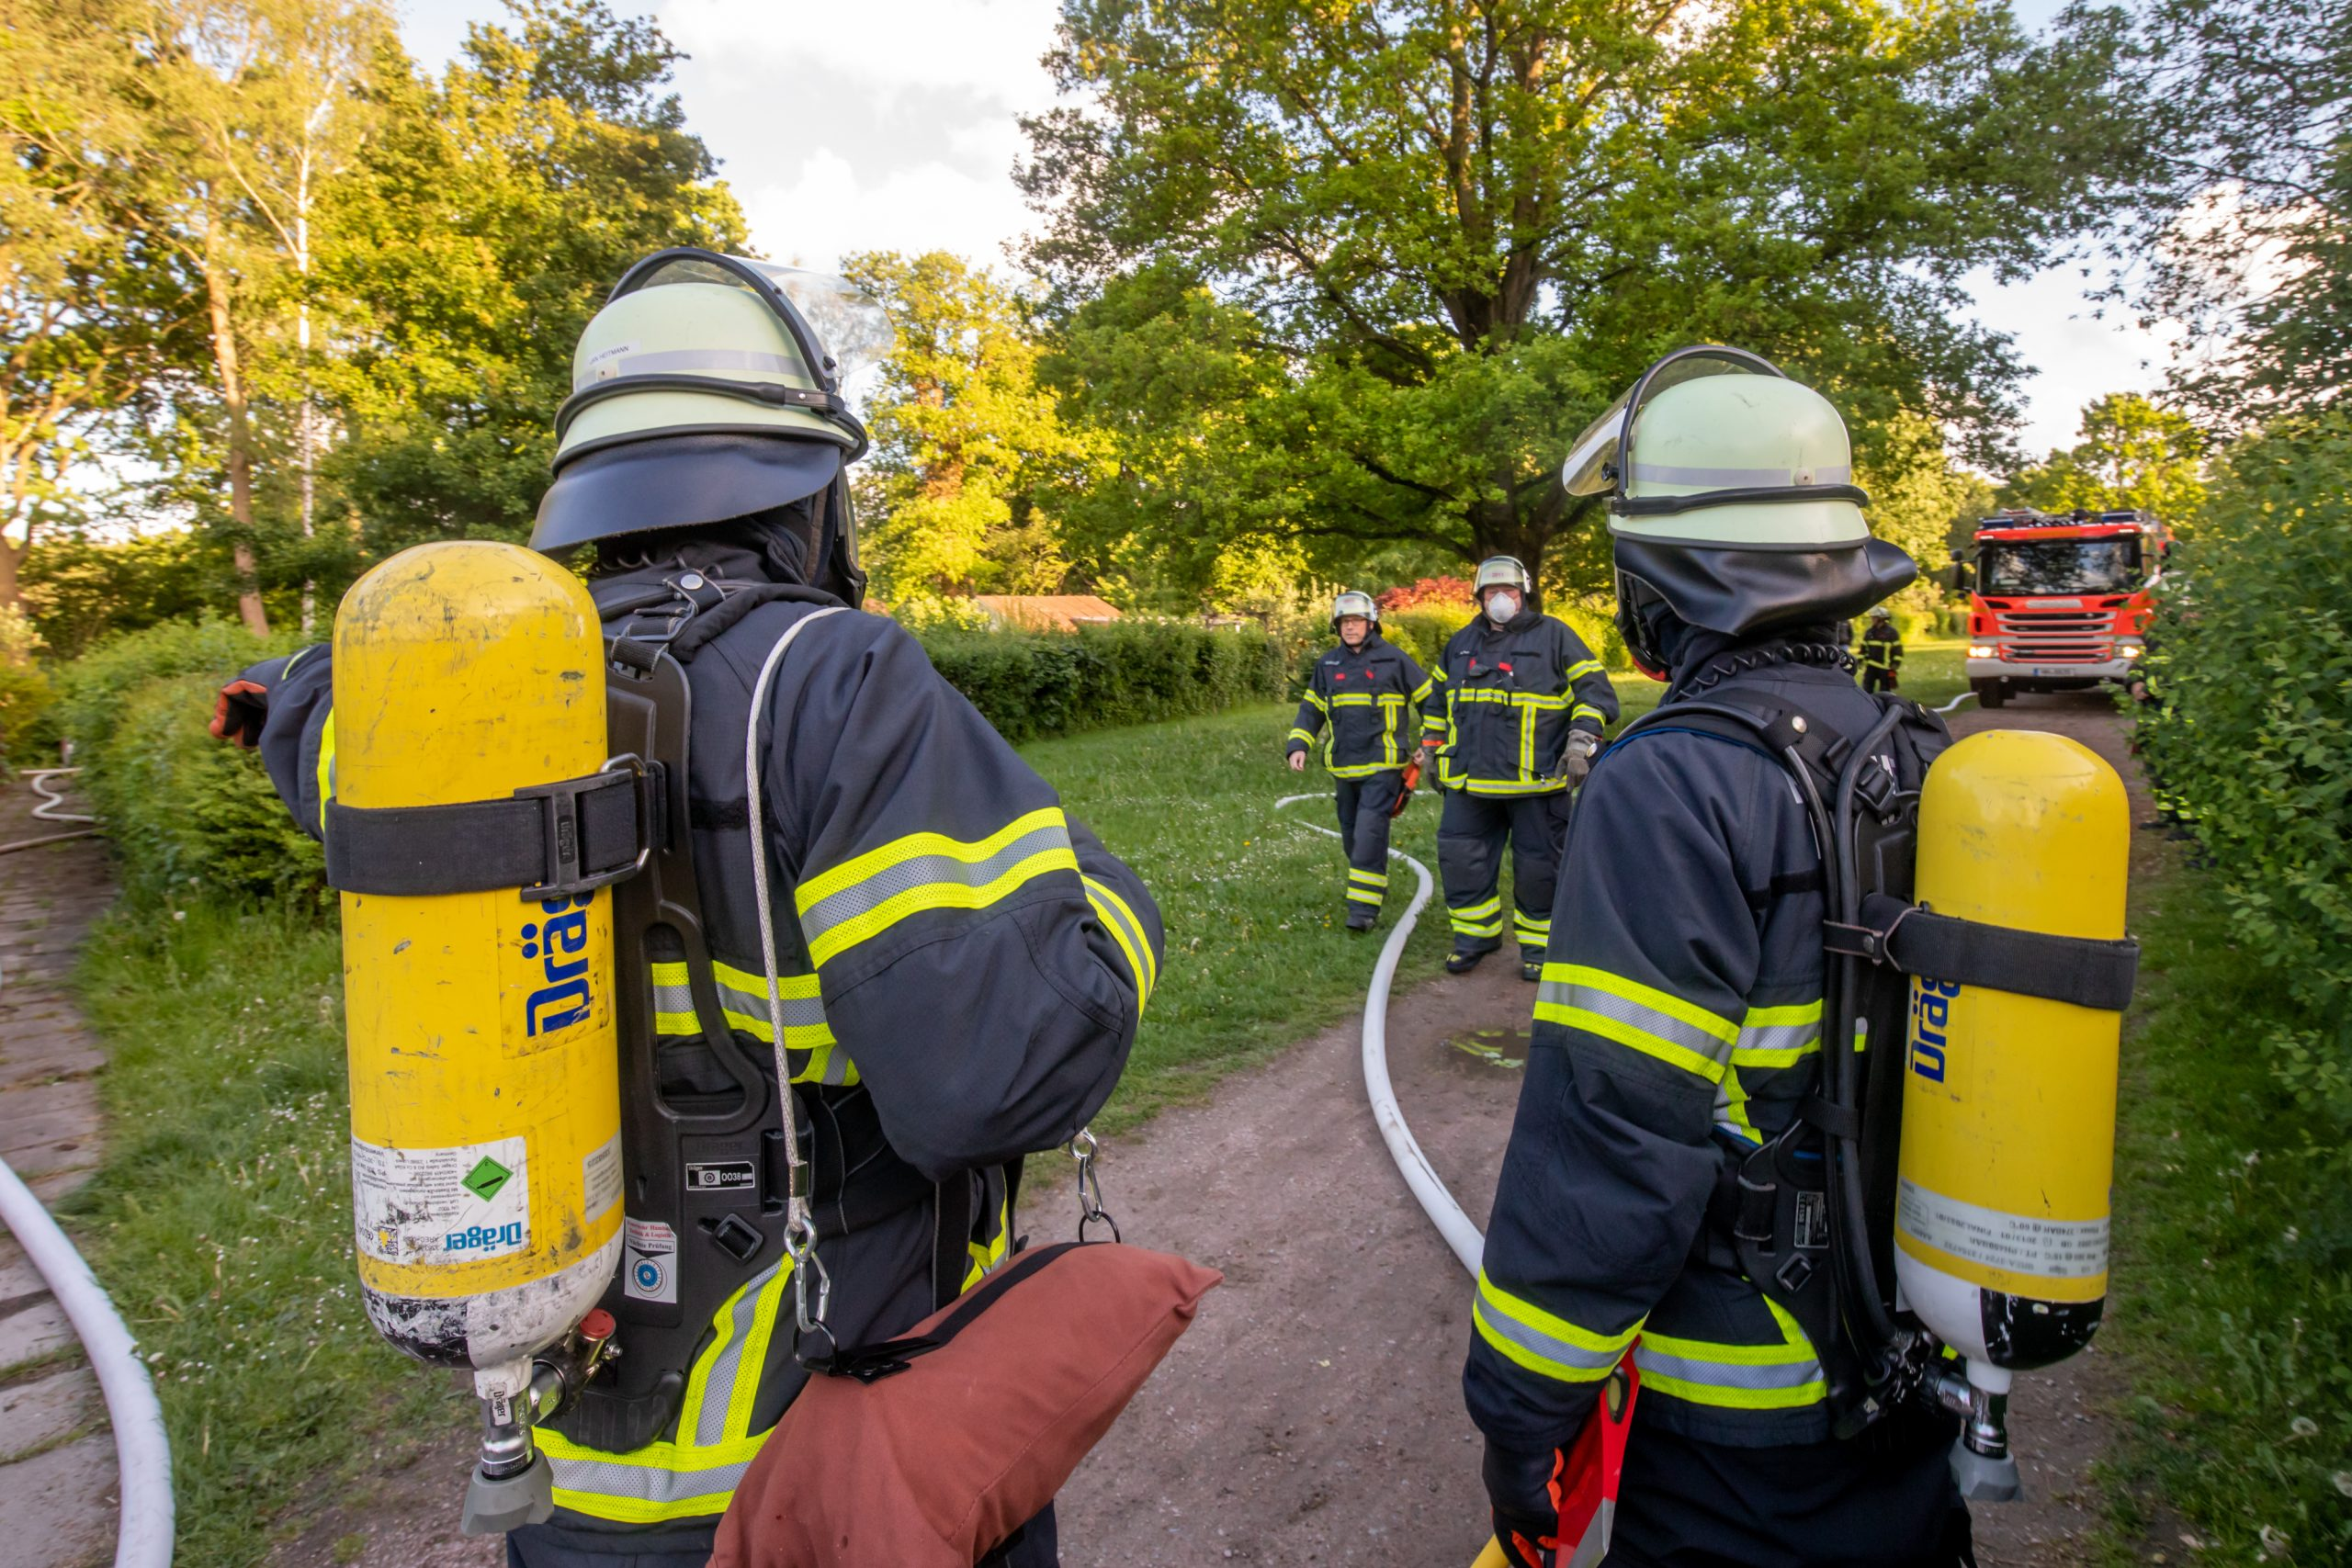 Kleingartenh-tte-brennt-nieder-Feuerwehr-erst-nach-30-Minuten-mit-Wasser-vor-Ort